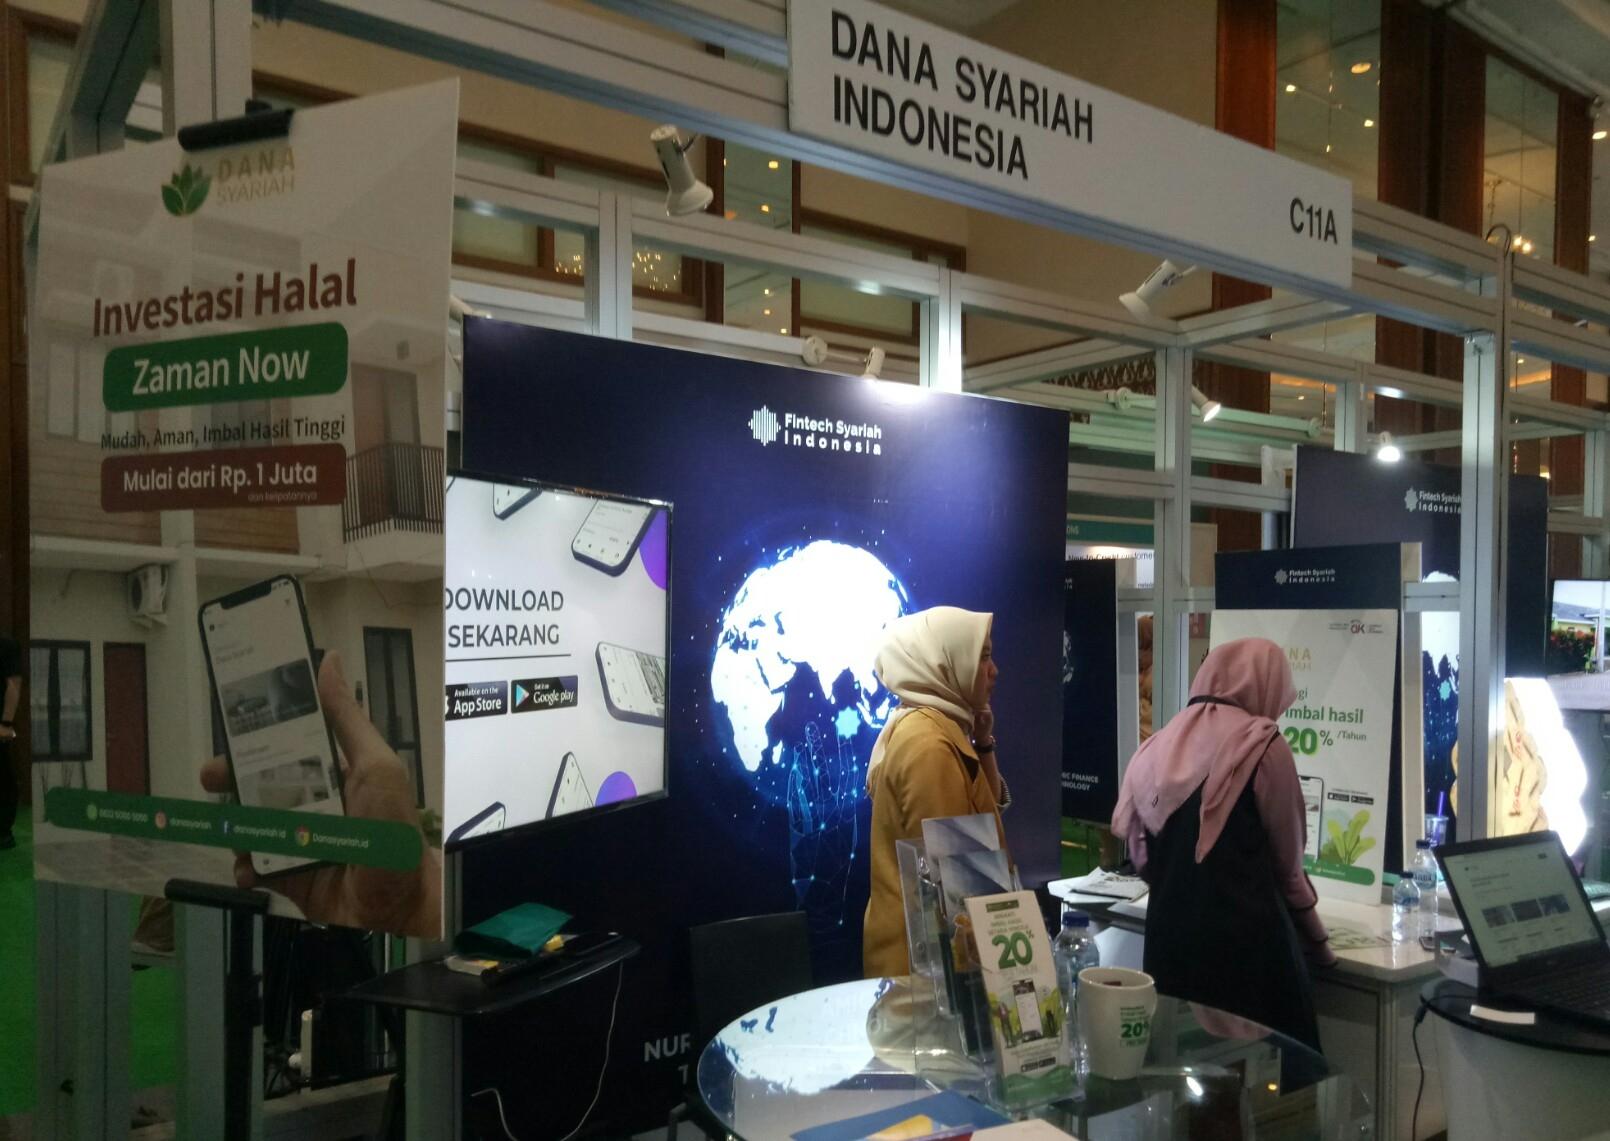 Dana Syariah Fintech Halal Anti Riba Infobrand Id